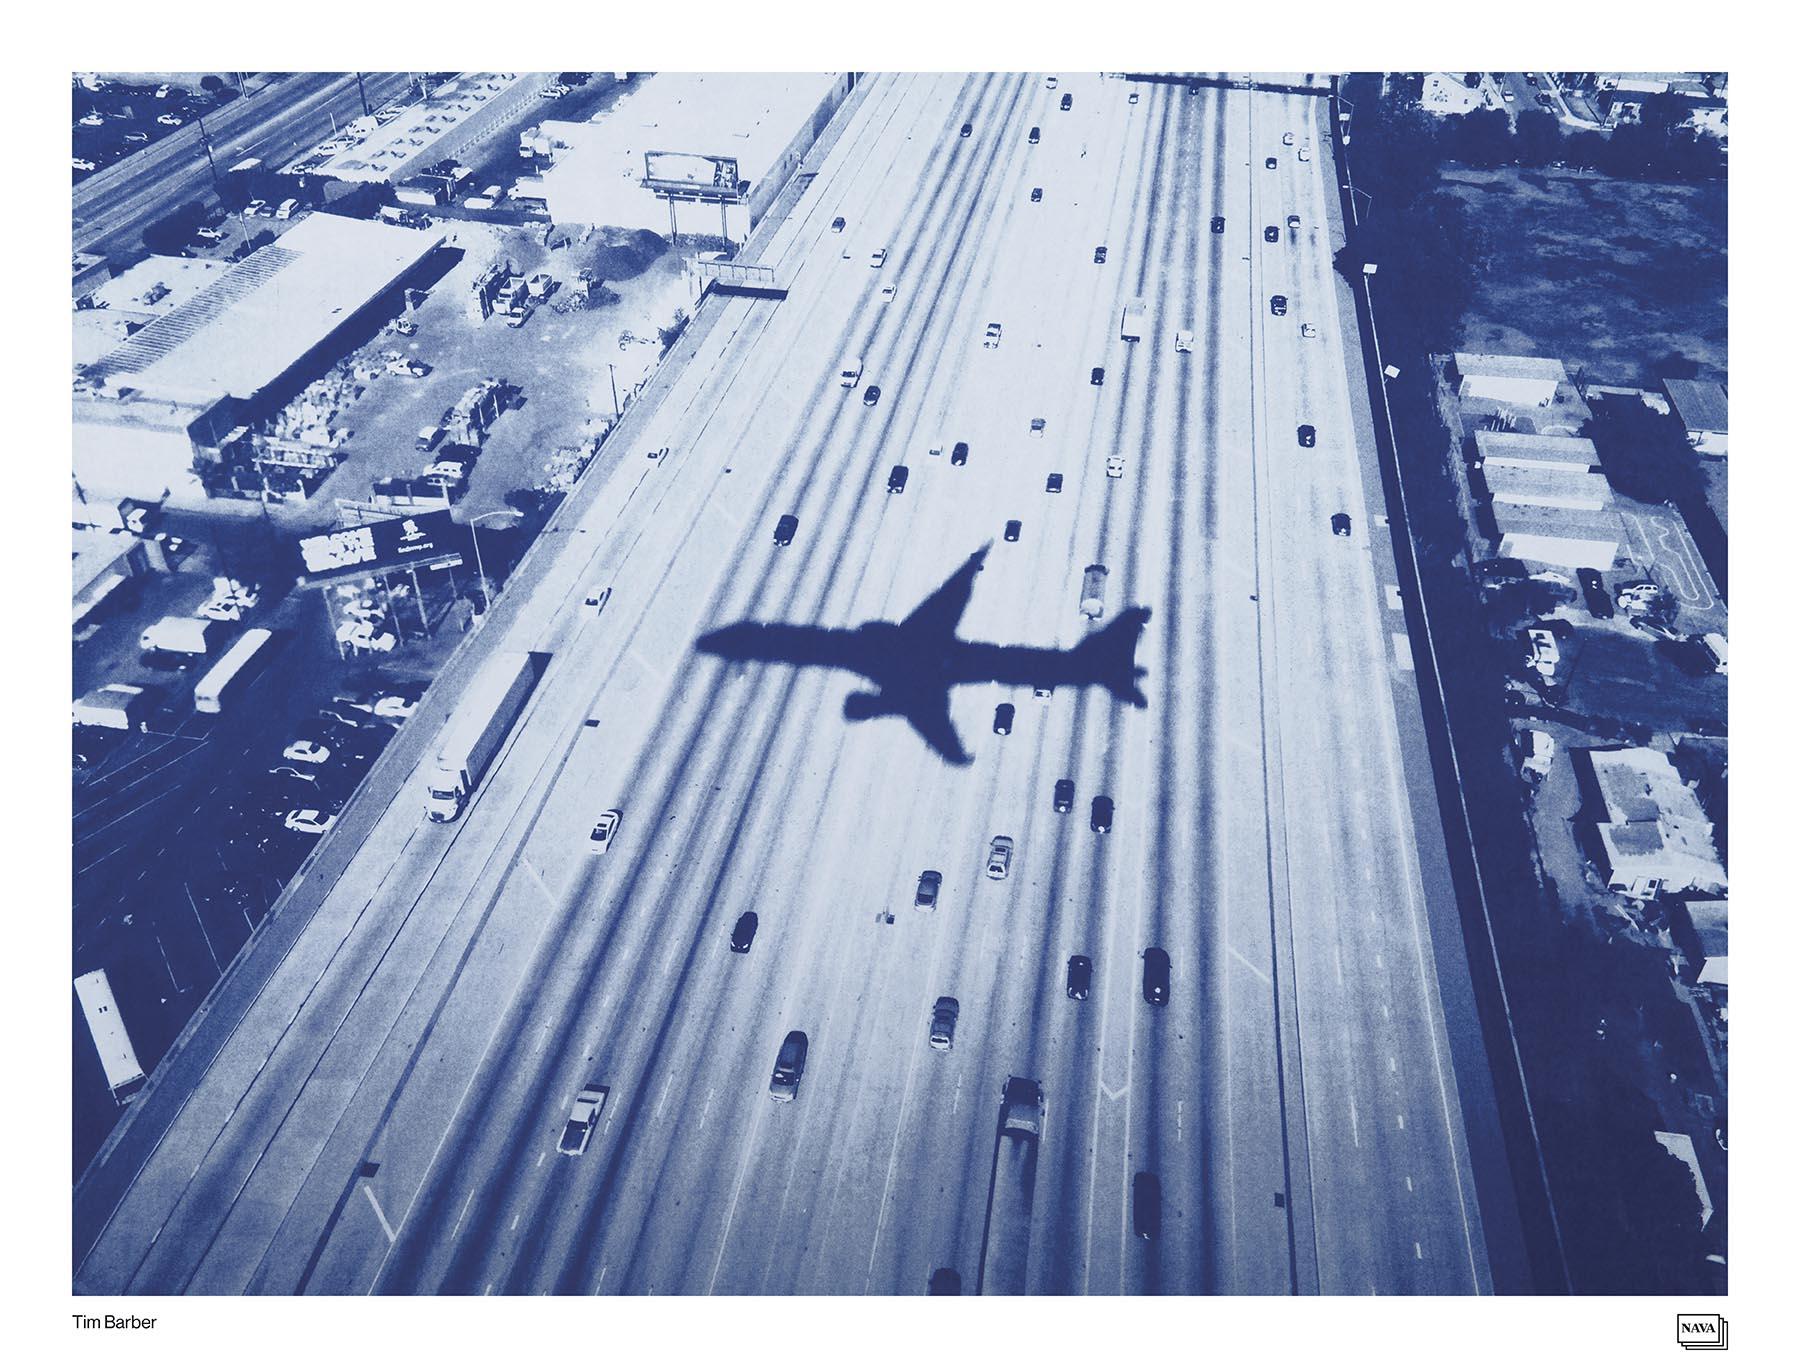 Plane flying over freeway